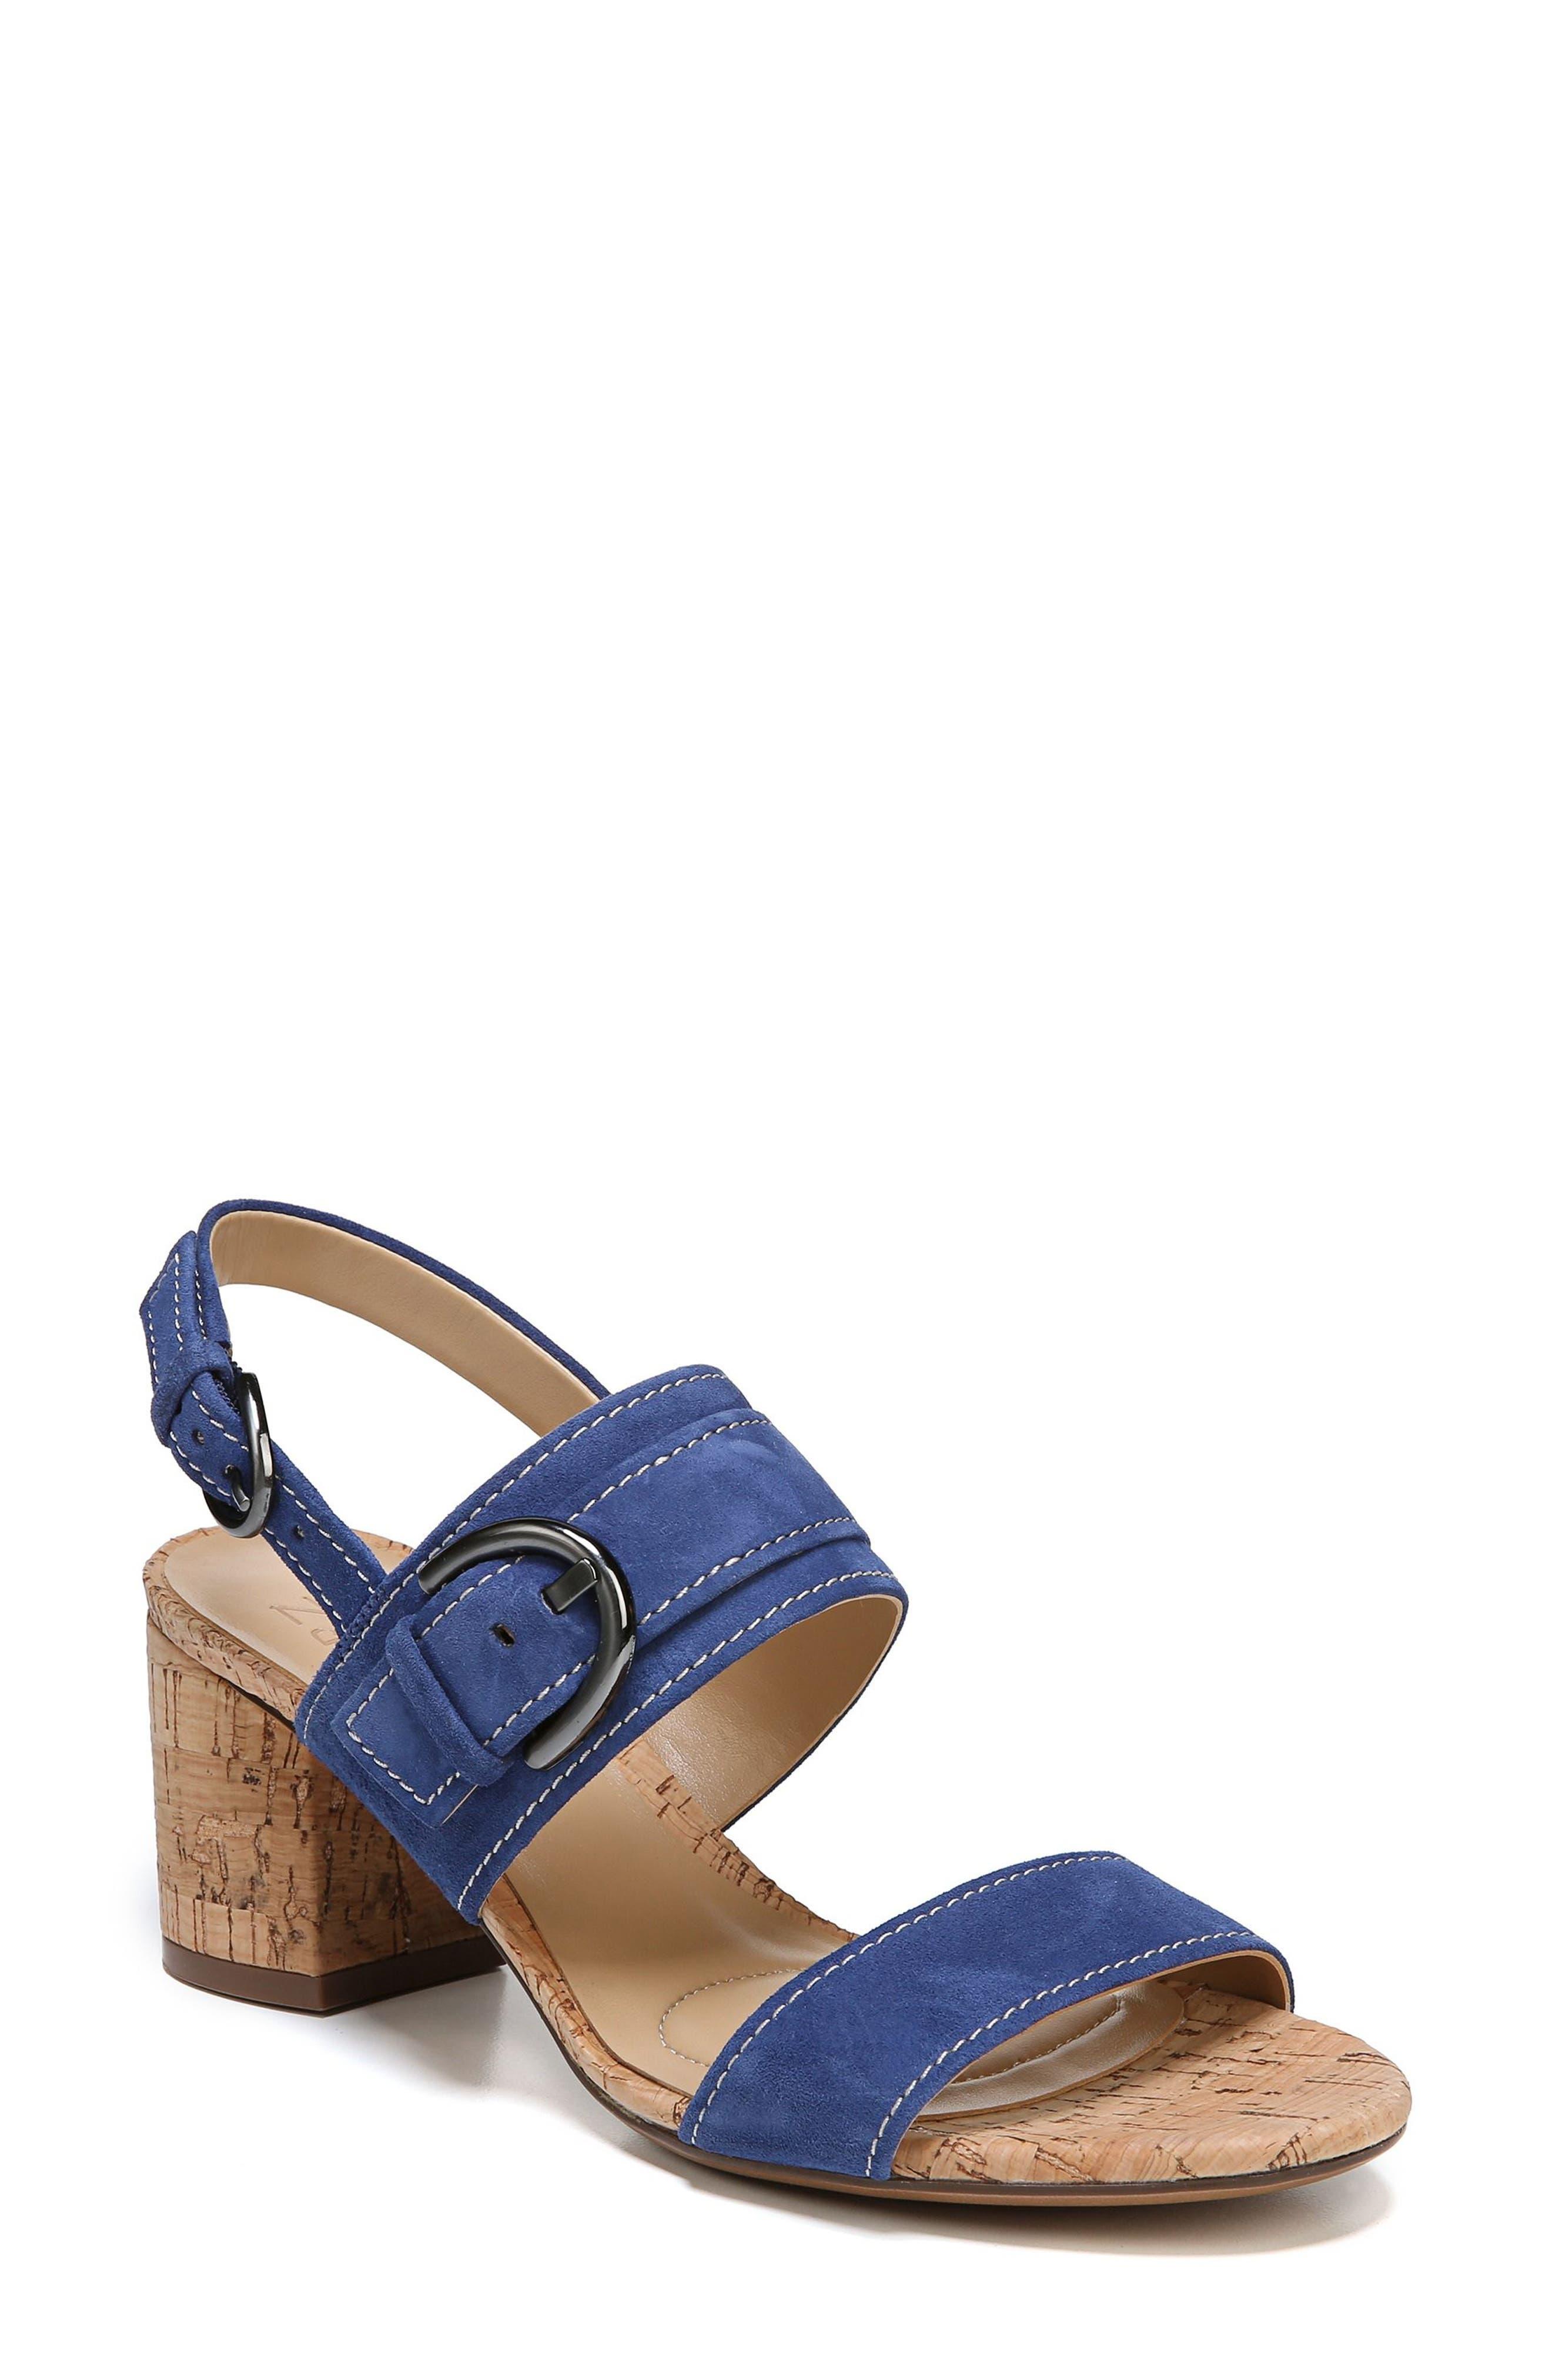 Camden Sandal,                             Main thumbnail 1, color,                             Blue Suede